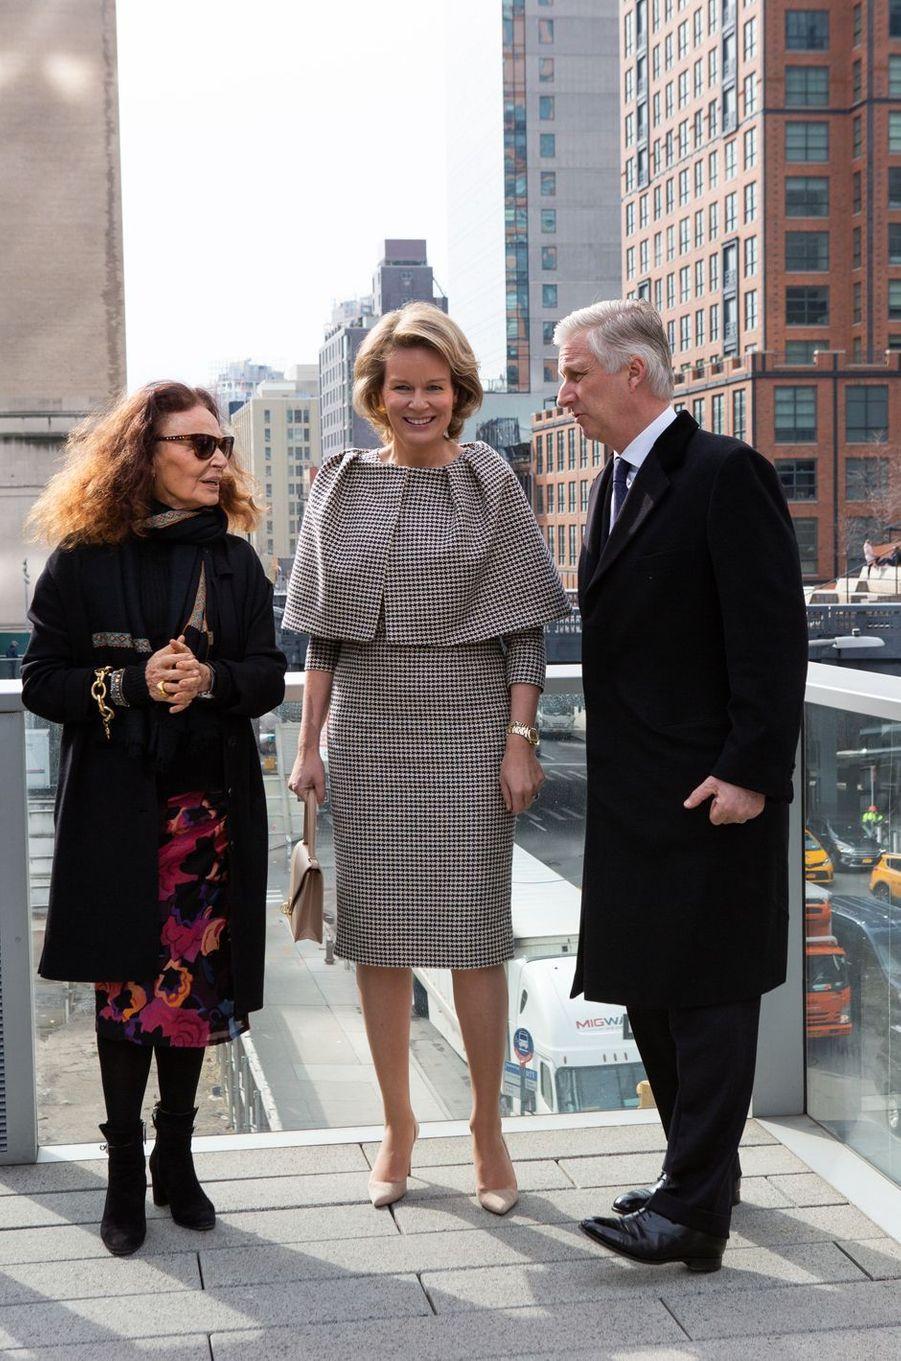 La reine Mathilde et le roi des Belges Philippe avec la styliste Diane Von Furstenberg à New York, les 12 février 2020